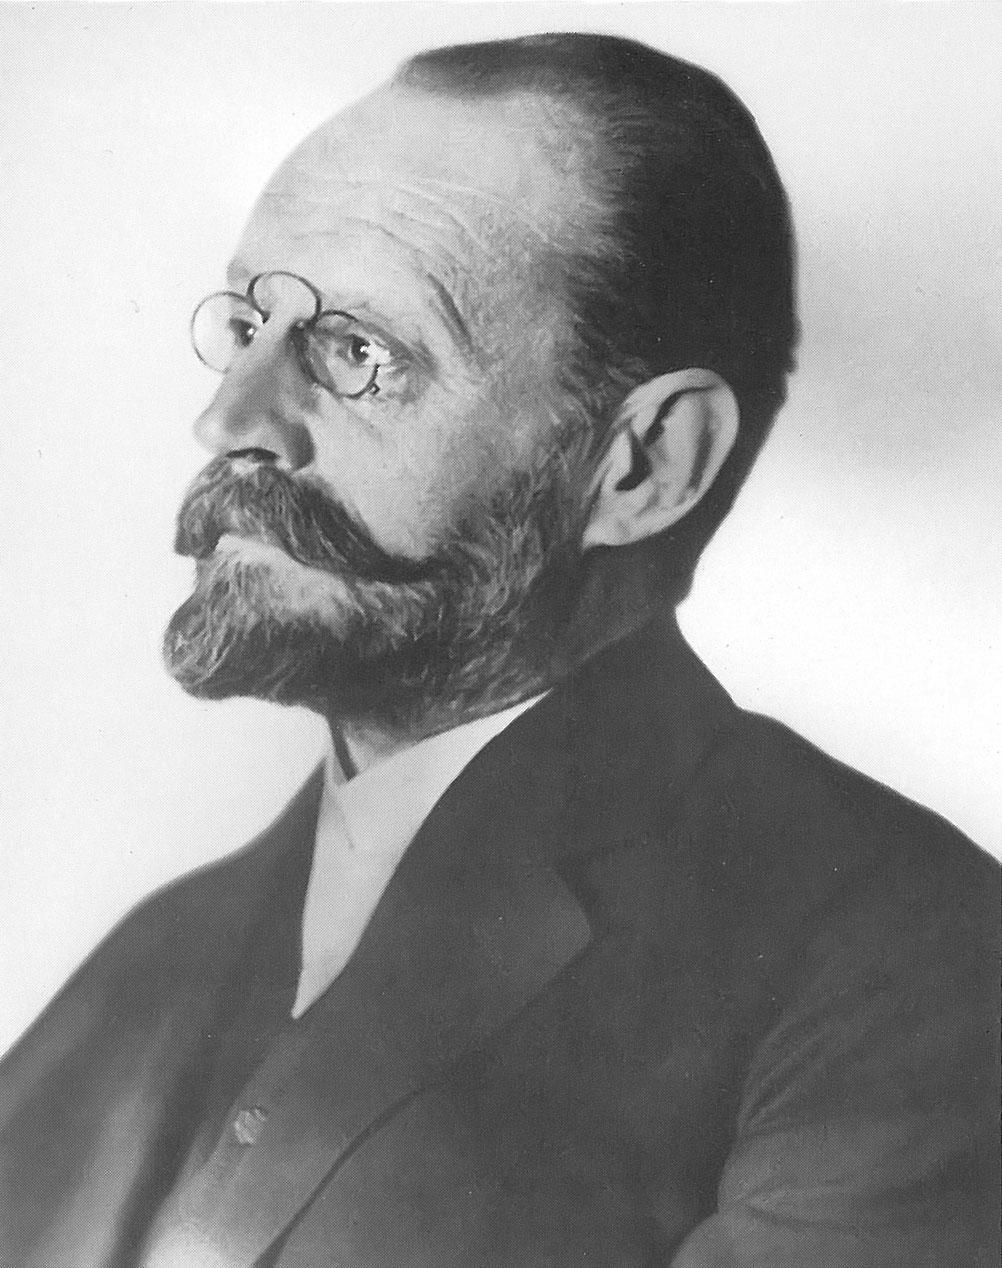 O sistema de iluminação criado por Carl Auer usava óxido de tório, derivado da monazita. As lâmpadas eram usadas na iluminação pública de grande parte da Europa.